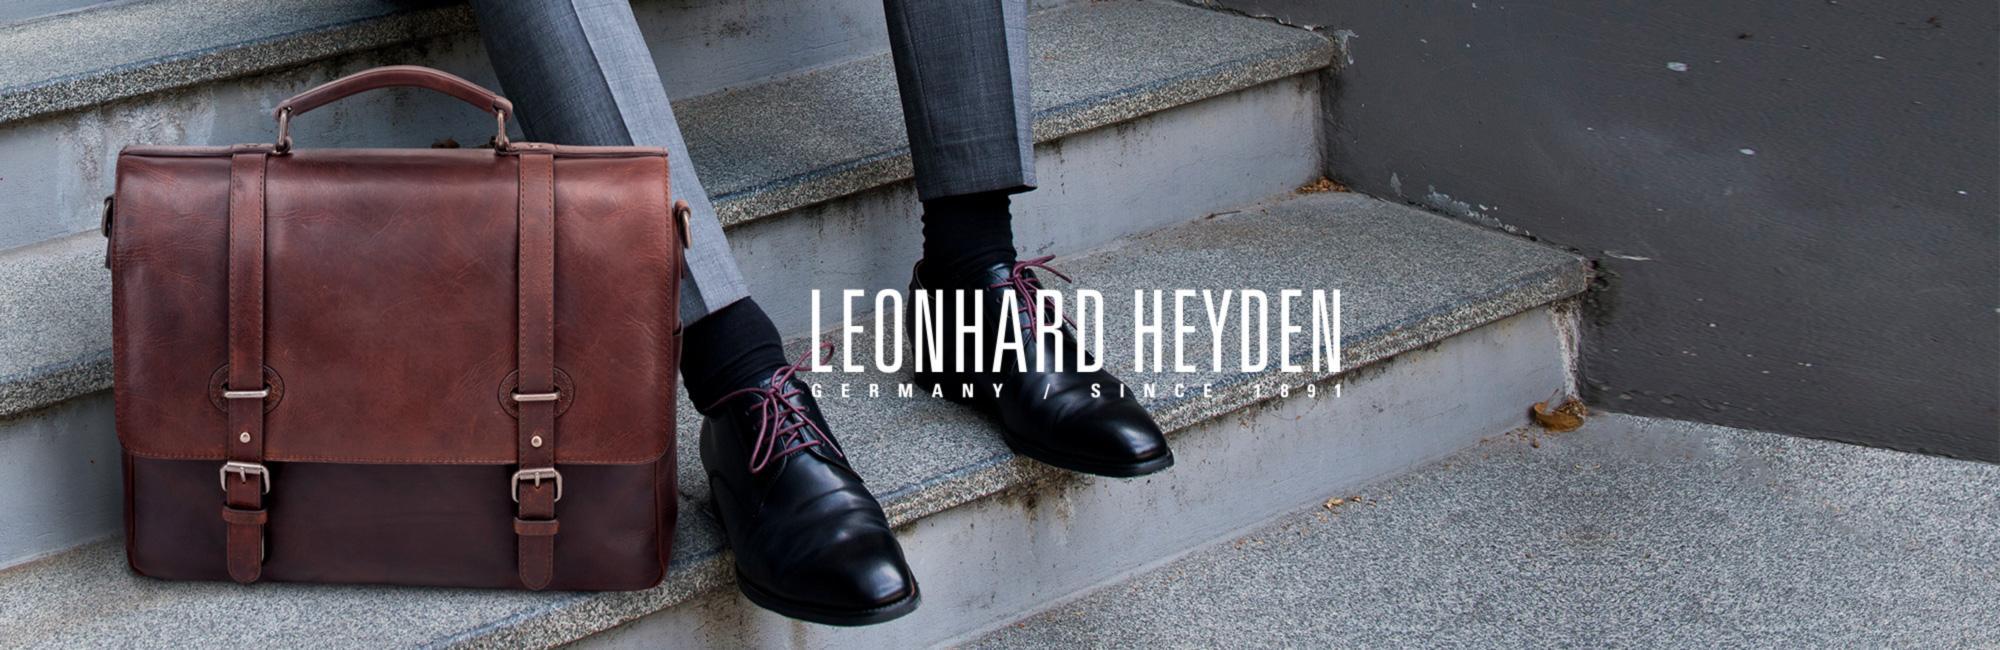 Leonhard Heyden